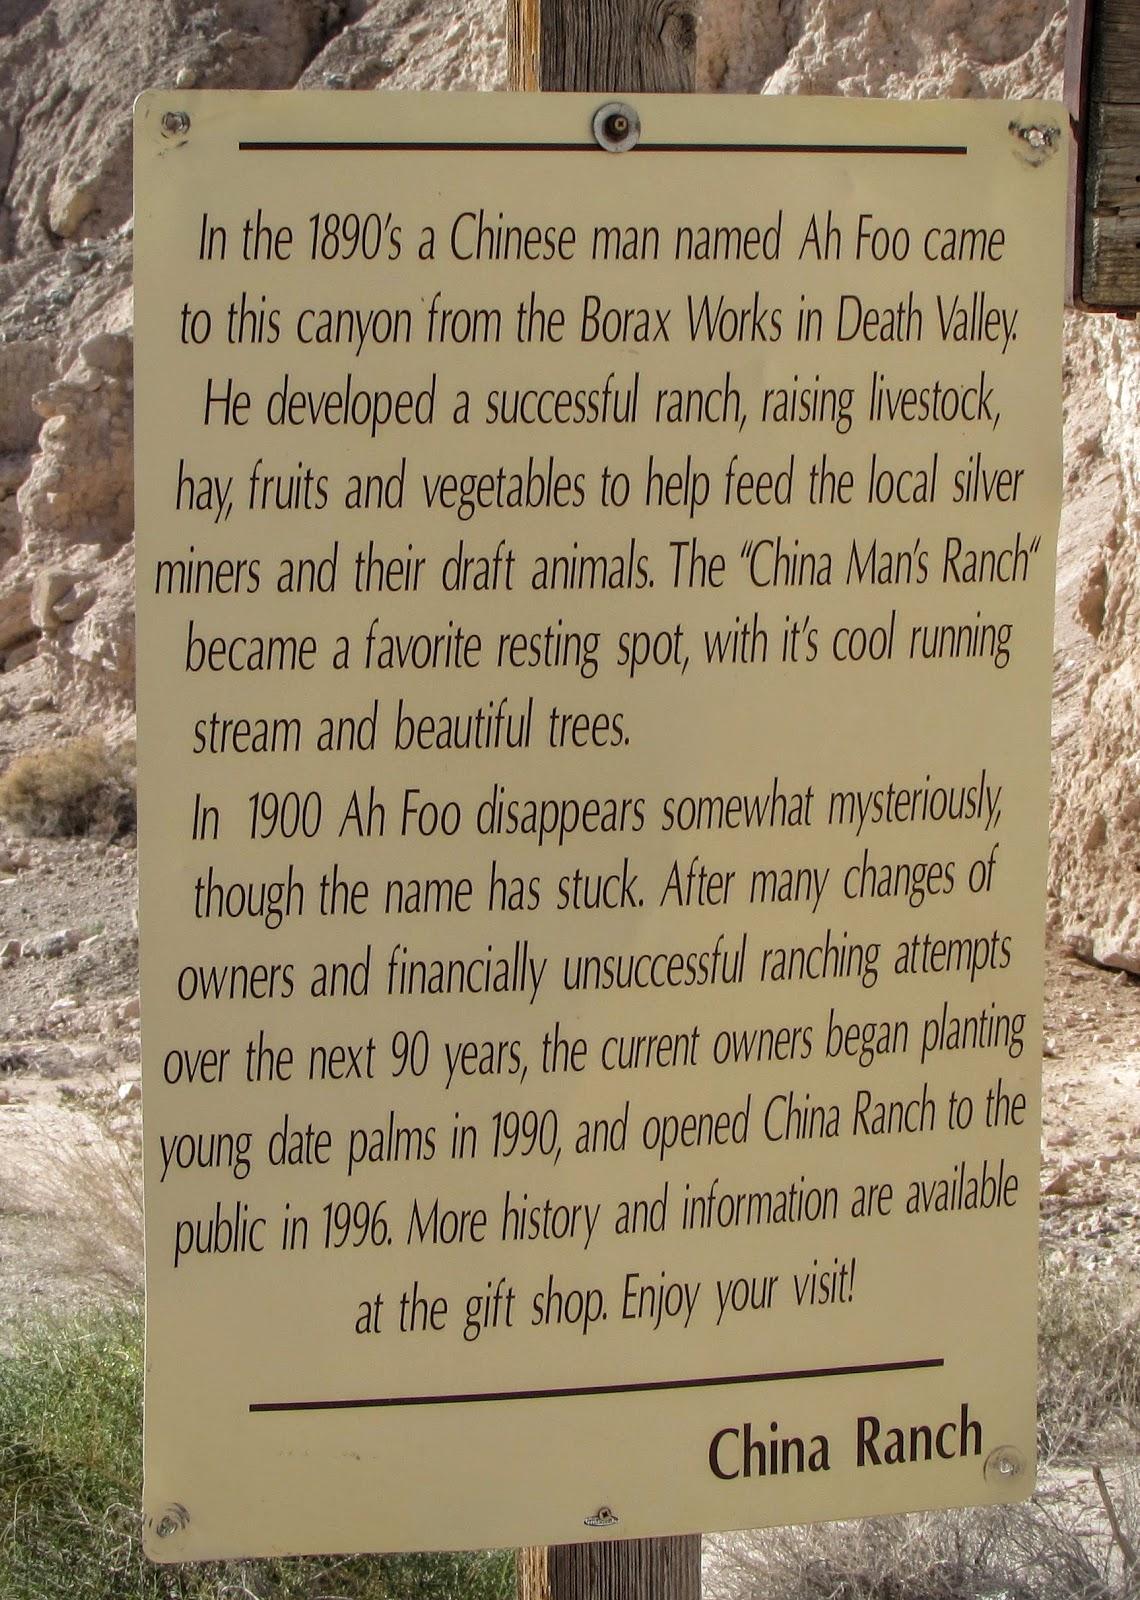 historia de china ranch